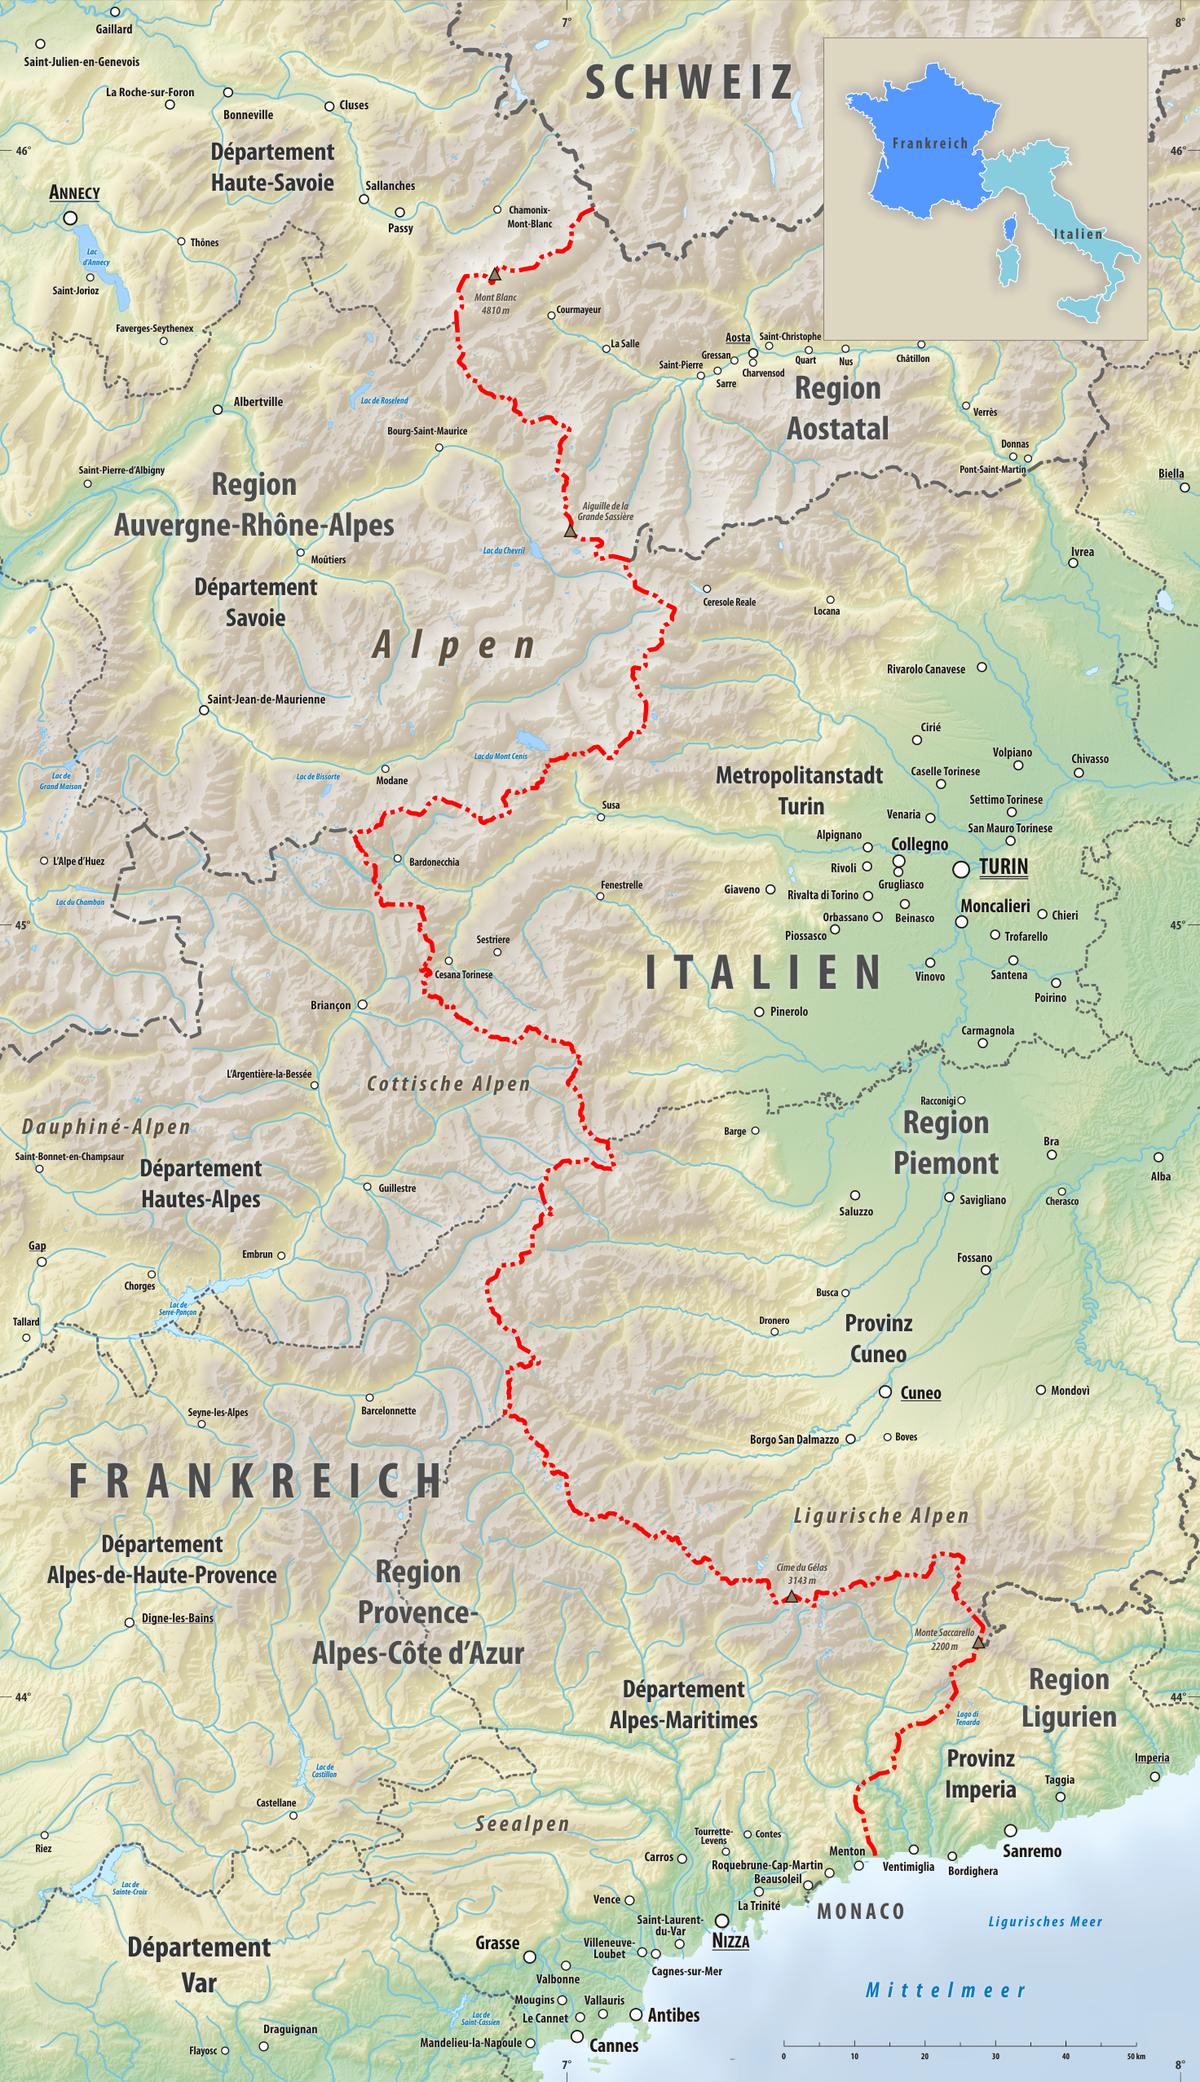 carte de france et italie detaillee» Info » Vacances - Guide Voyage